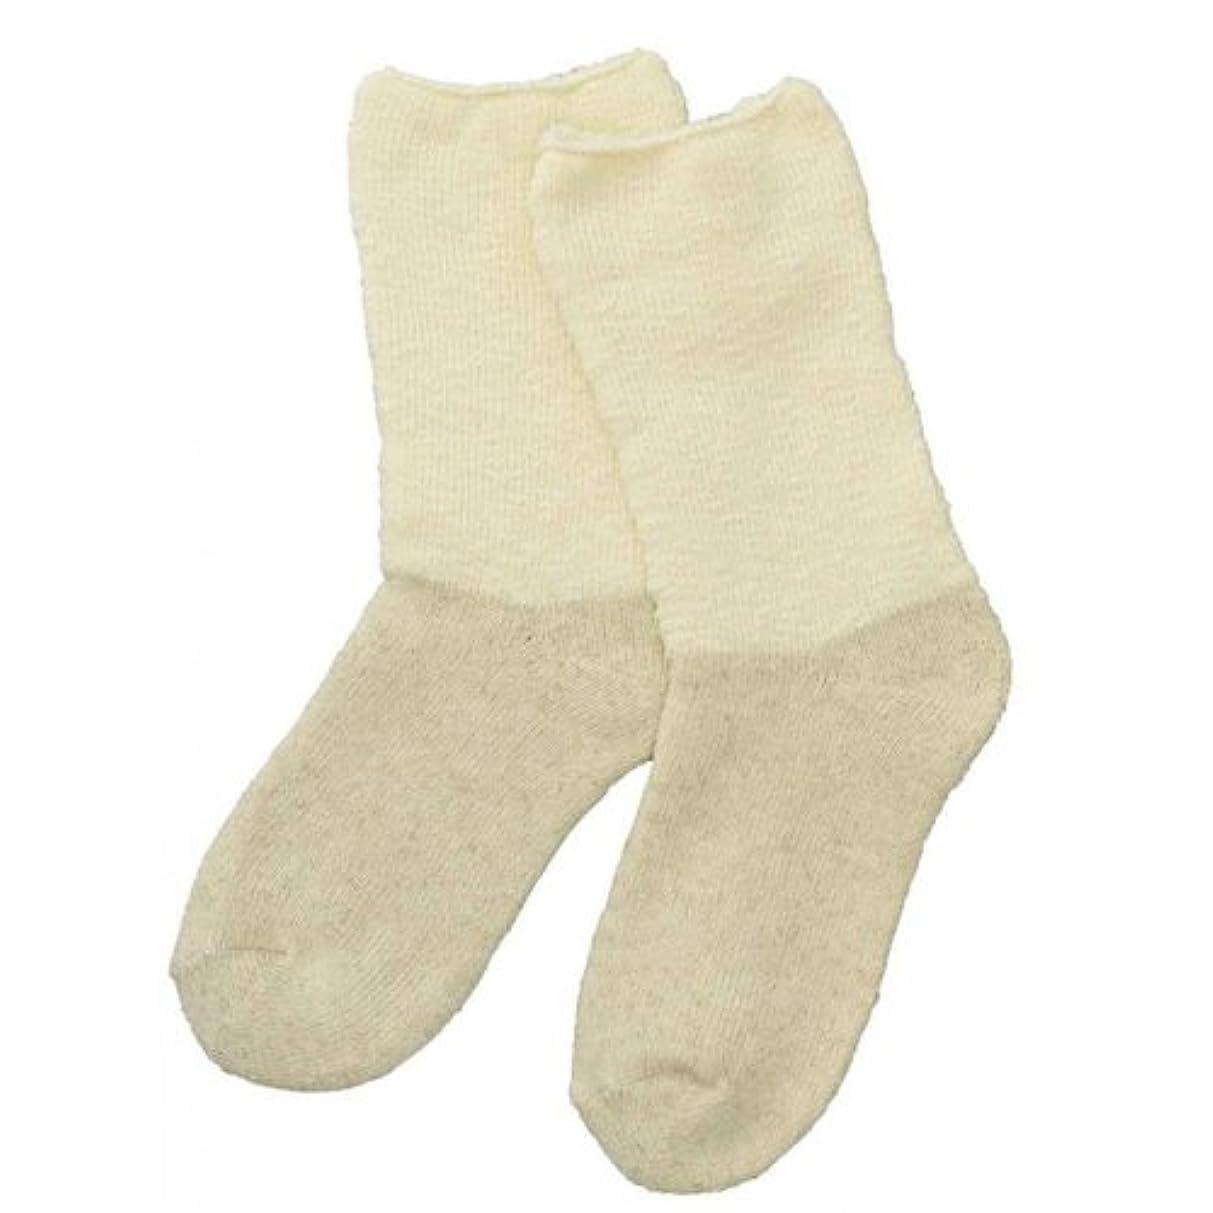 課税劣る小道Carelance(ケアランス)お風呂上りのやさしい靴下 綿麻パイルで足先さわやか 8706CA-31 クリーム